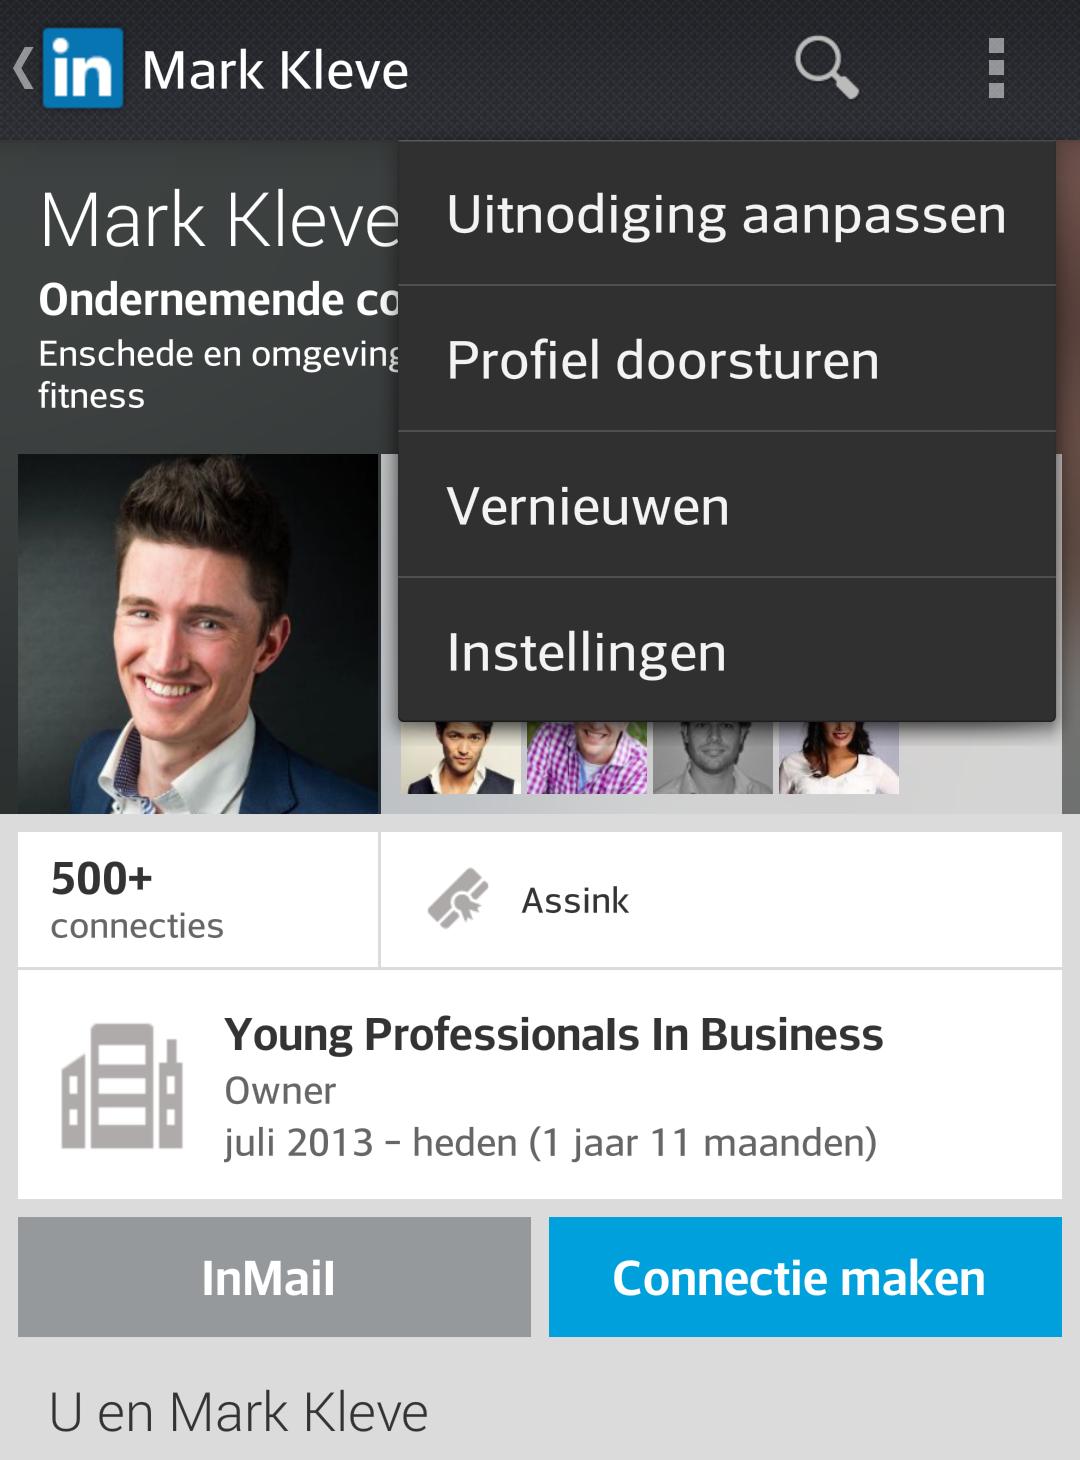 Linkedin uitnodiging aanpassen Android